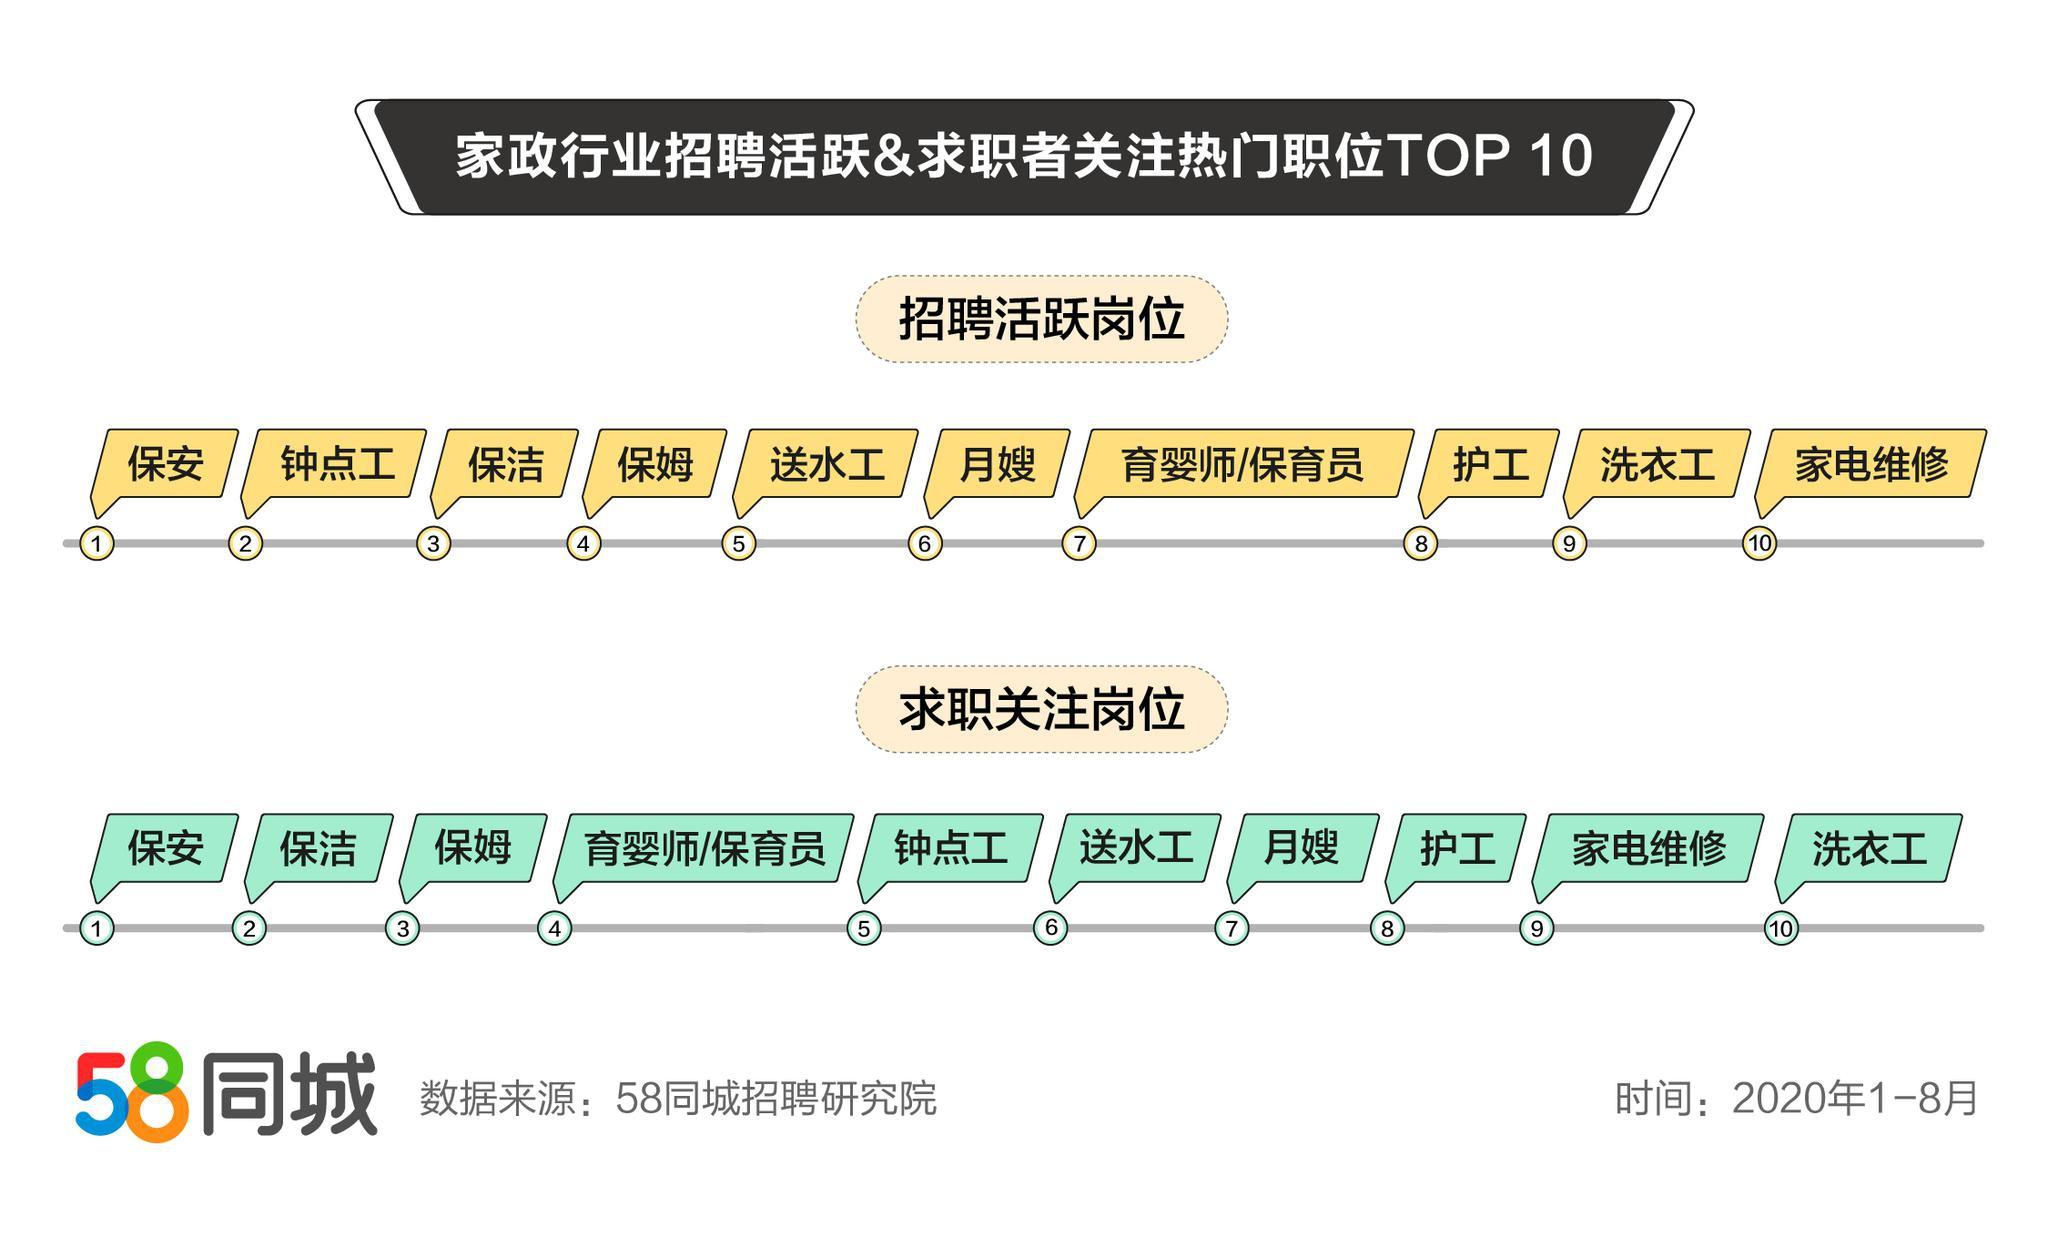 58同城发布家政行业就业数据:广东省求职需求量大 行业平均月薪7489元